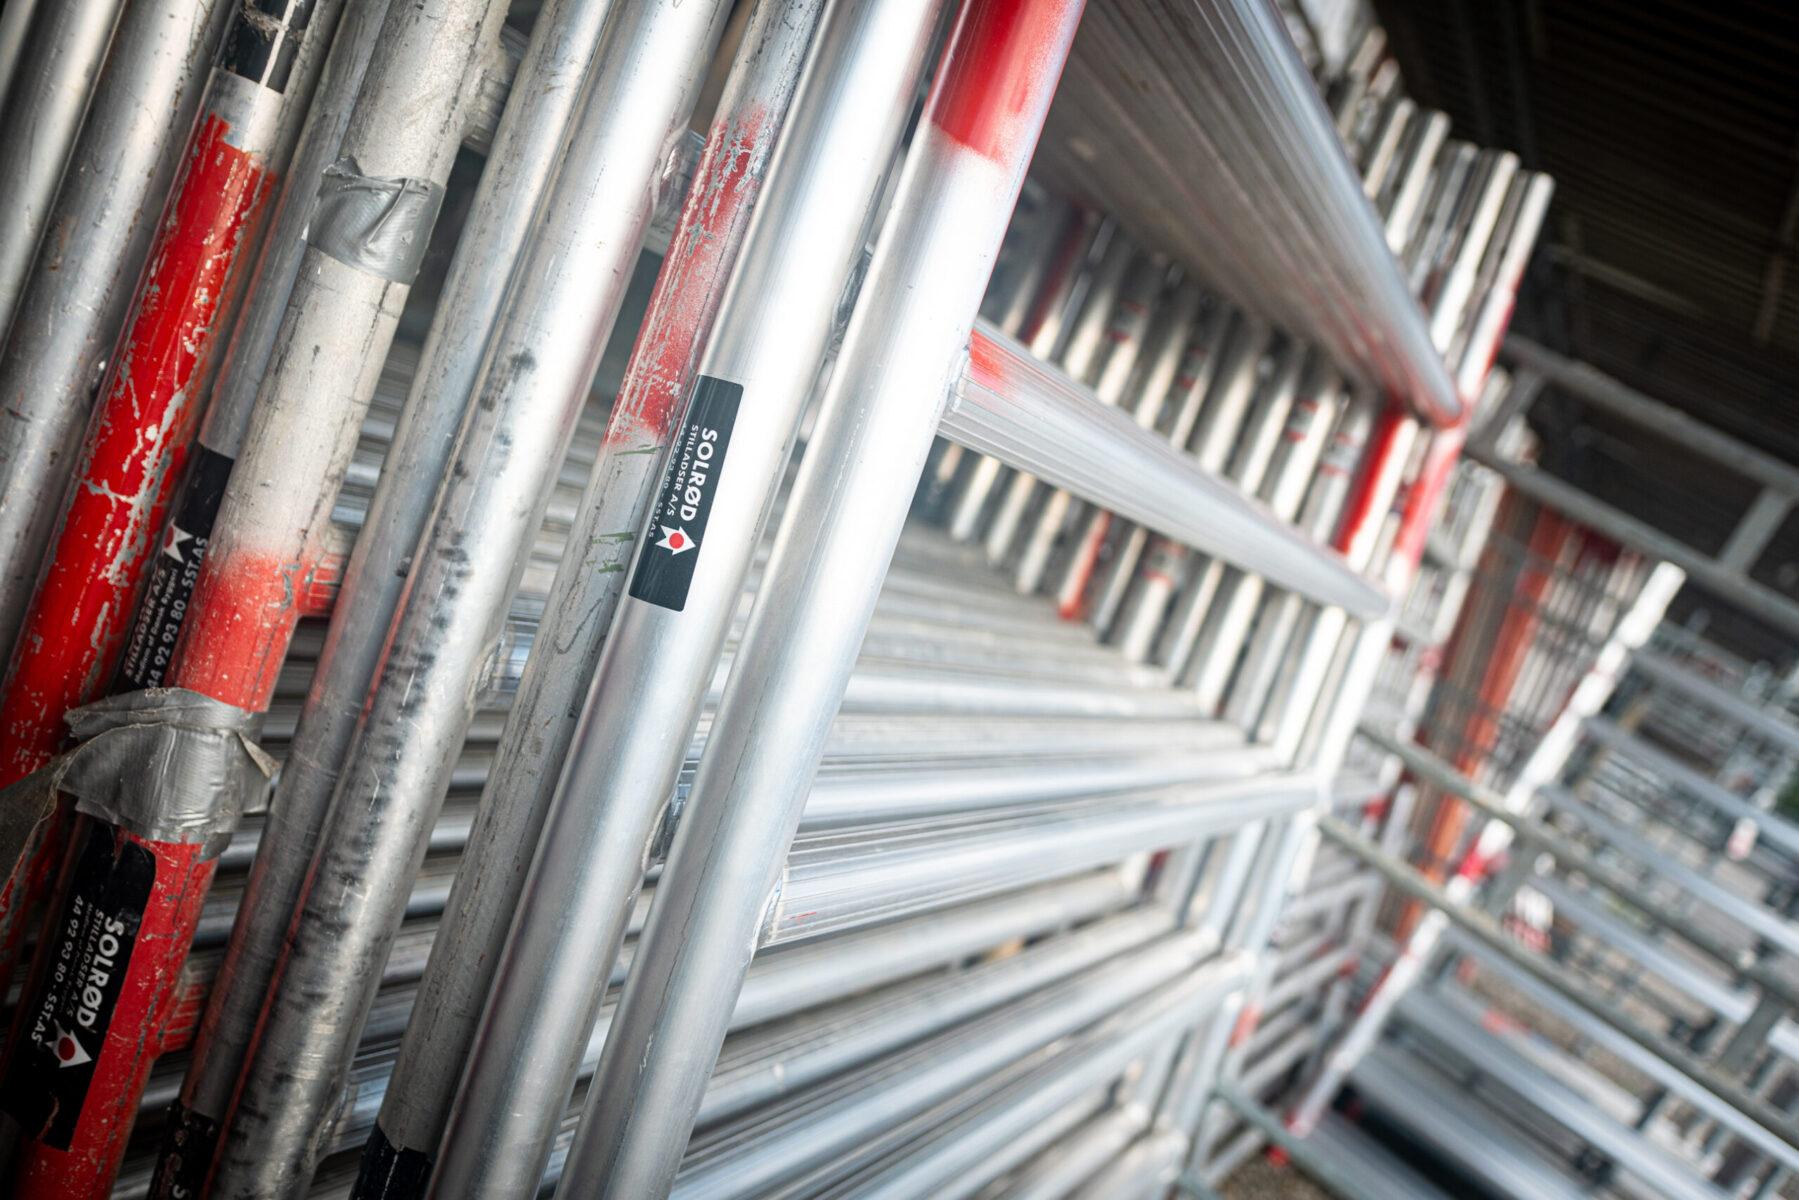 Opmagasinering af stilladsramme til rullestillads på Industriholmen 35, 2650 Hvidovre